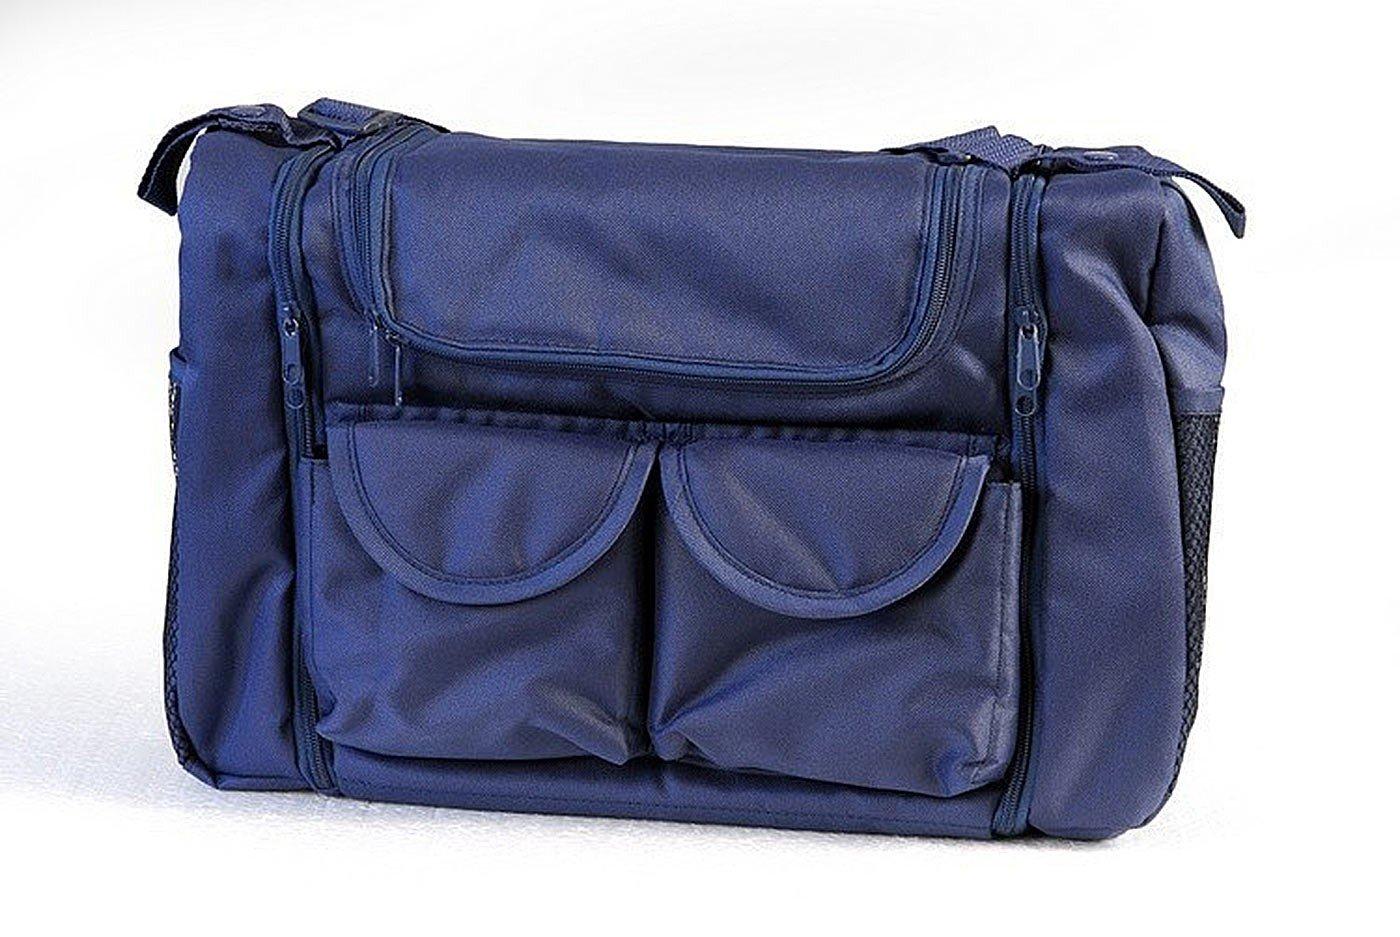 diverse Farben Wickeltasche Tasche mit Wickelauflage 1801-08 rechteckig von UNITED-KIDS Farbe:Blau